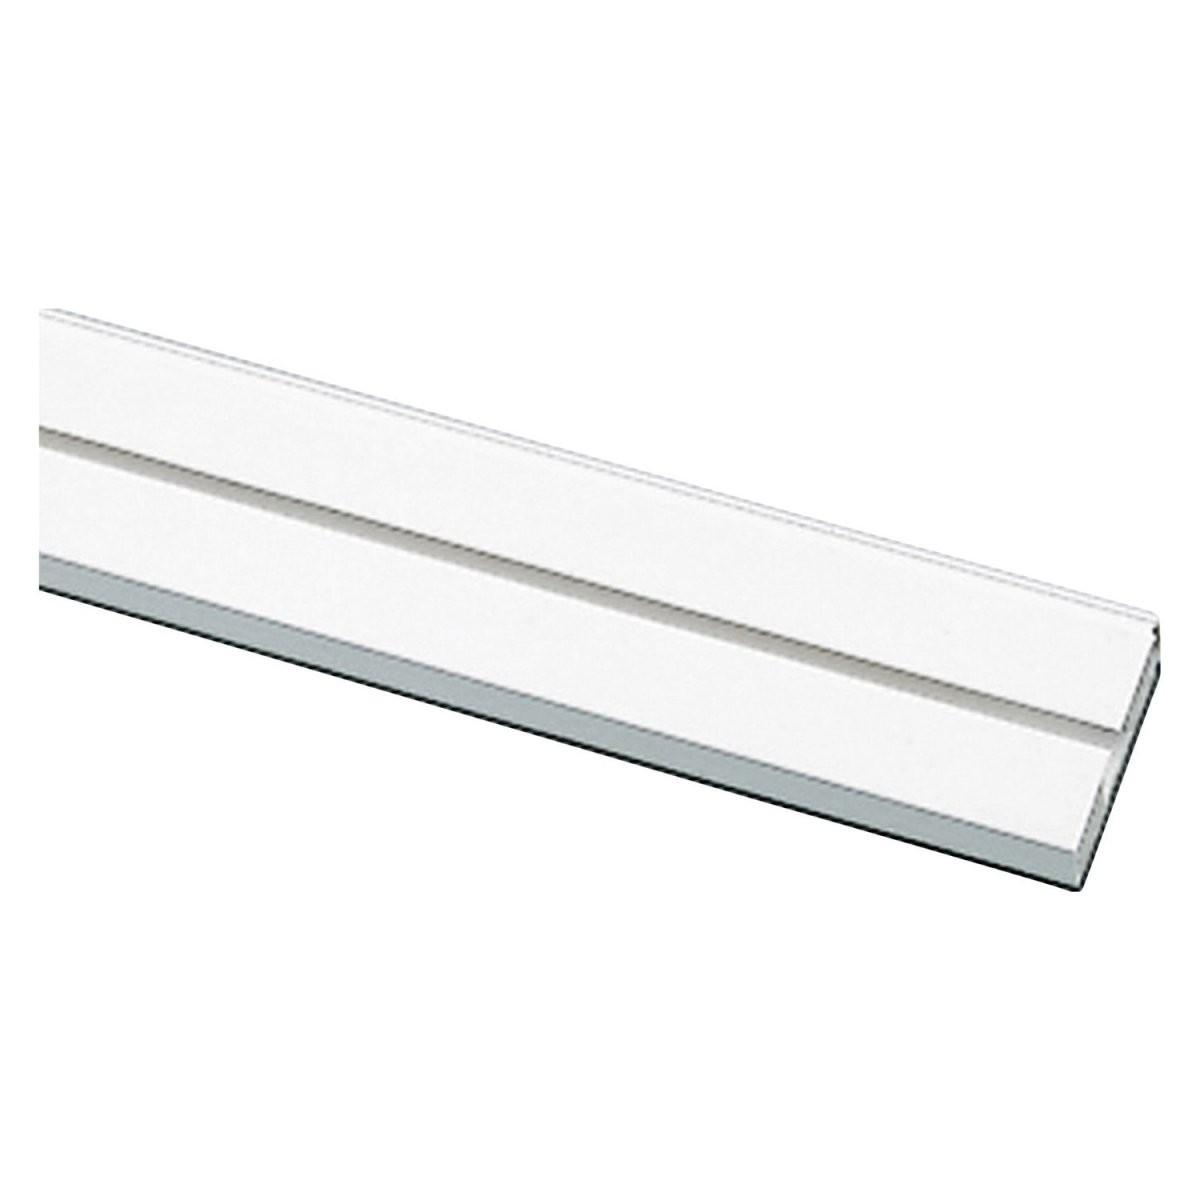 Gardinia Vorhangschiene 1Läufig Ge1 Weiß 300 Cm Kaufen Bei Obi von Alu Gardinenschiene 1 Läufig Bild